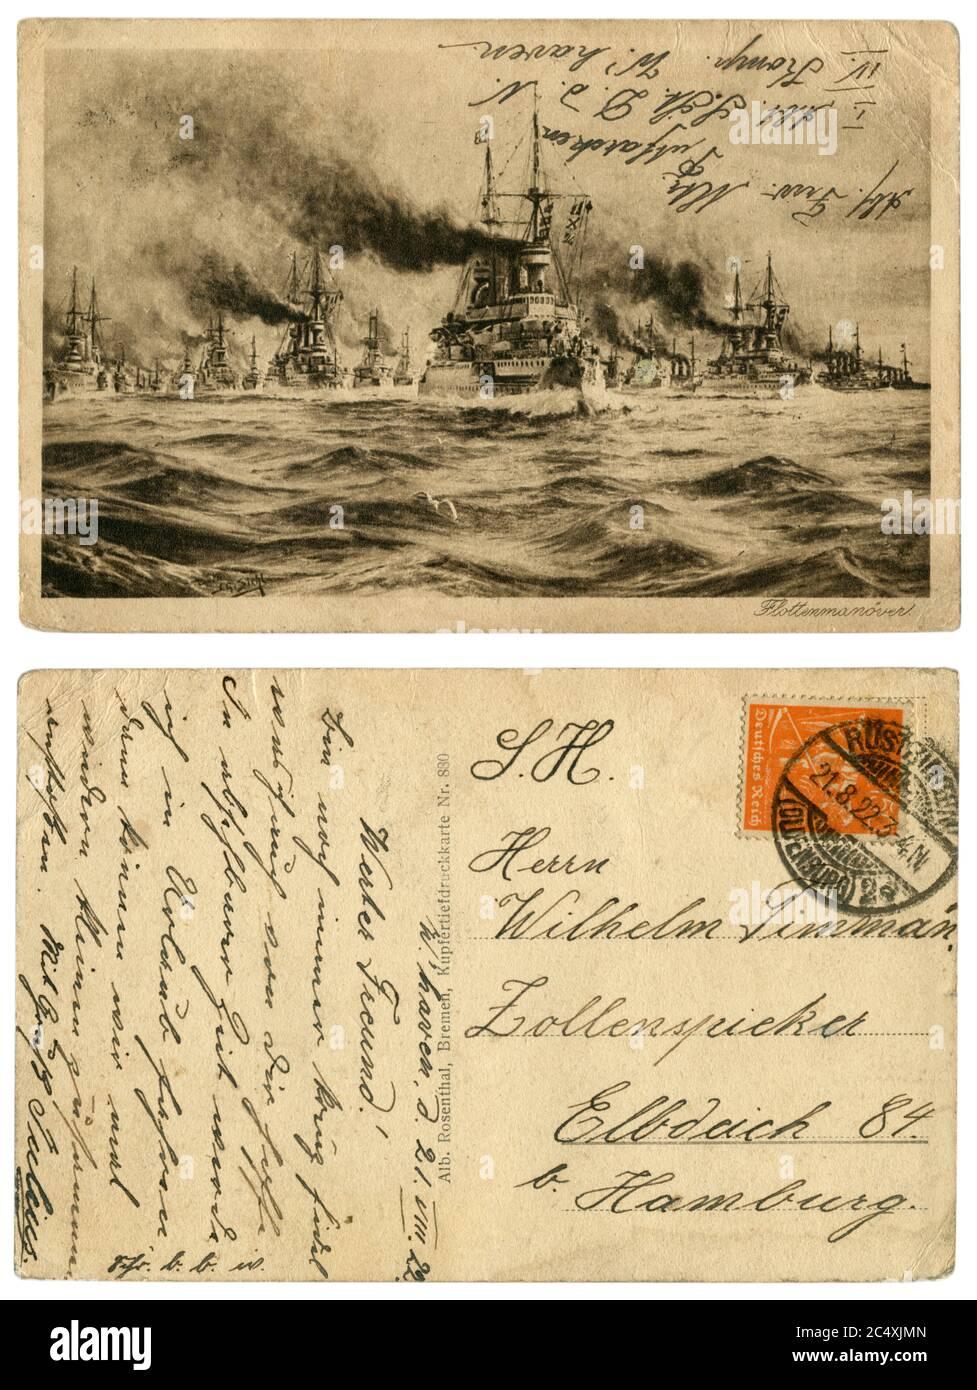 Carte postale historique allemande : manœuvres de la Marine impériale allemande, une armada de navires de guerre dans la campagne. Inscription manuscrite. Empire allemand, 1922 Banque D'Images